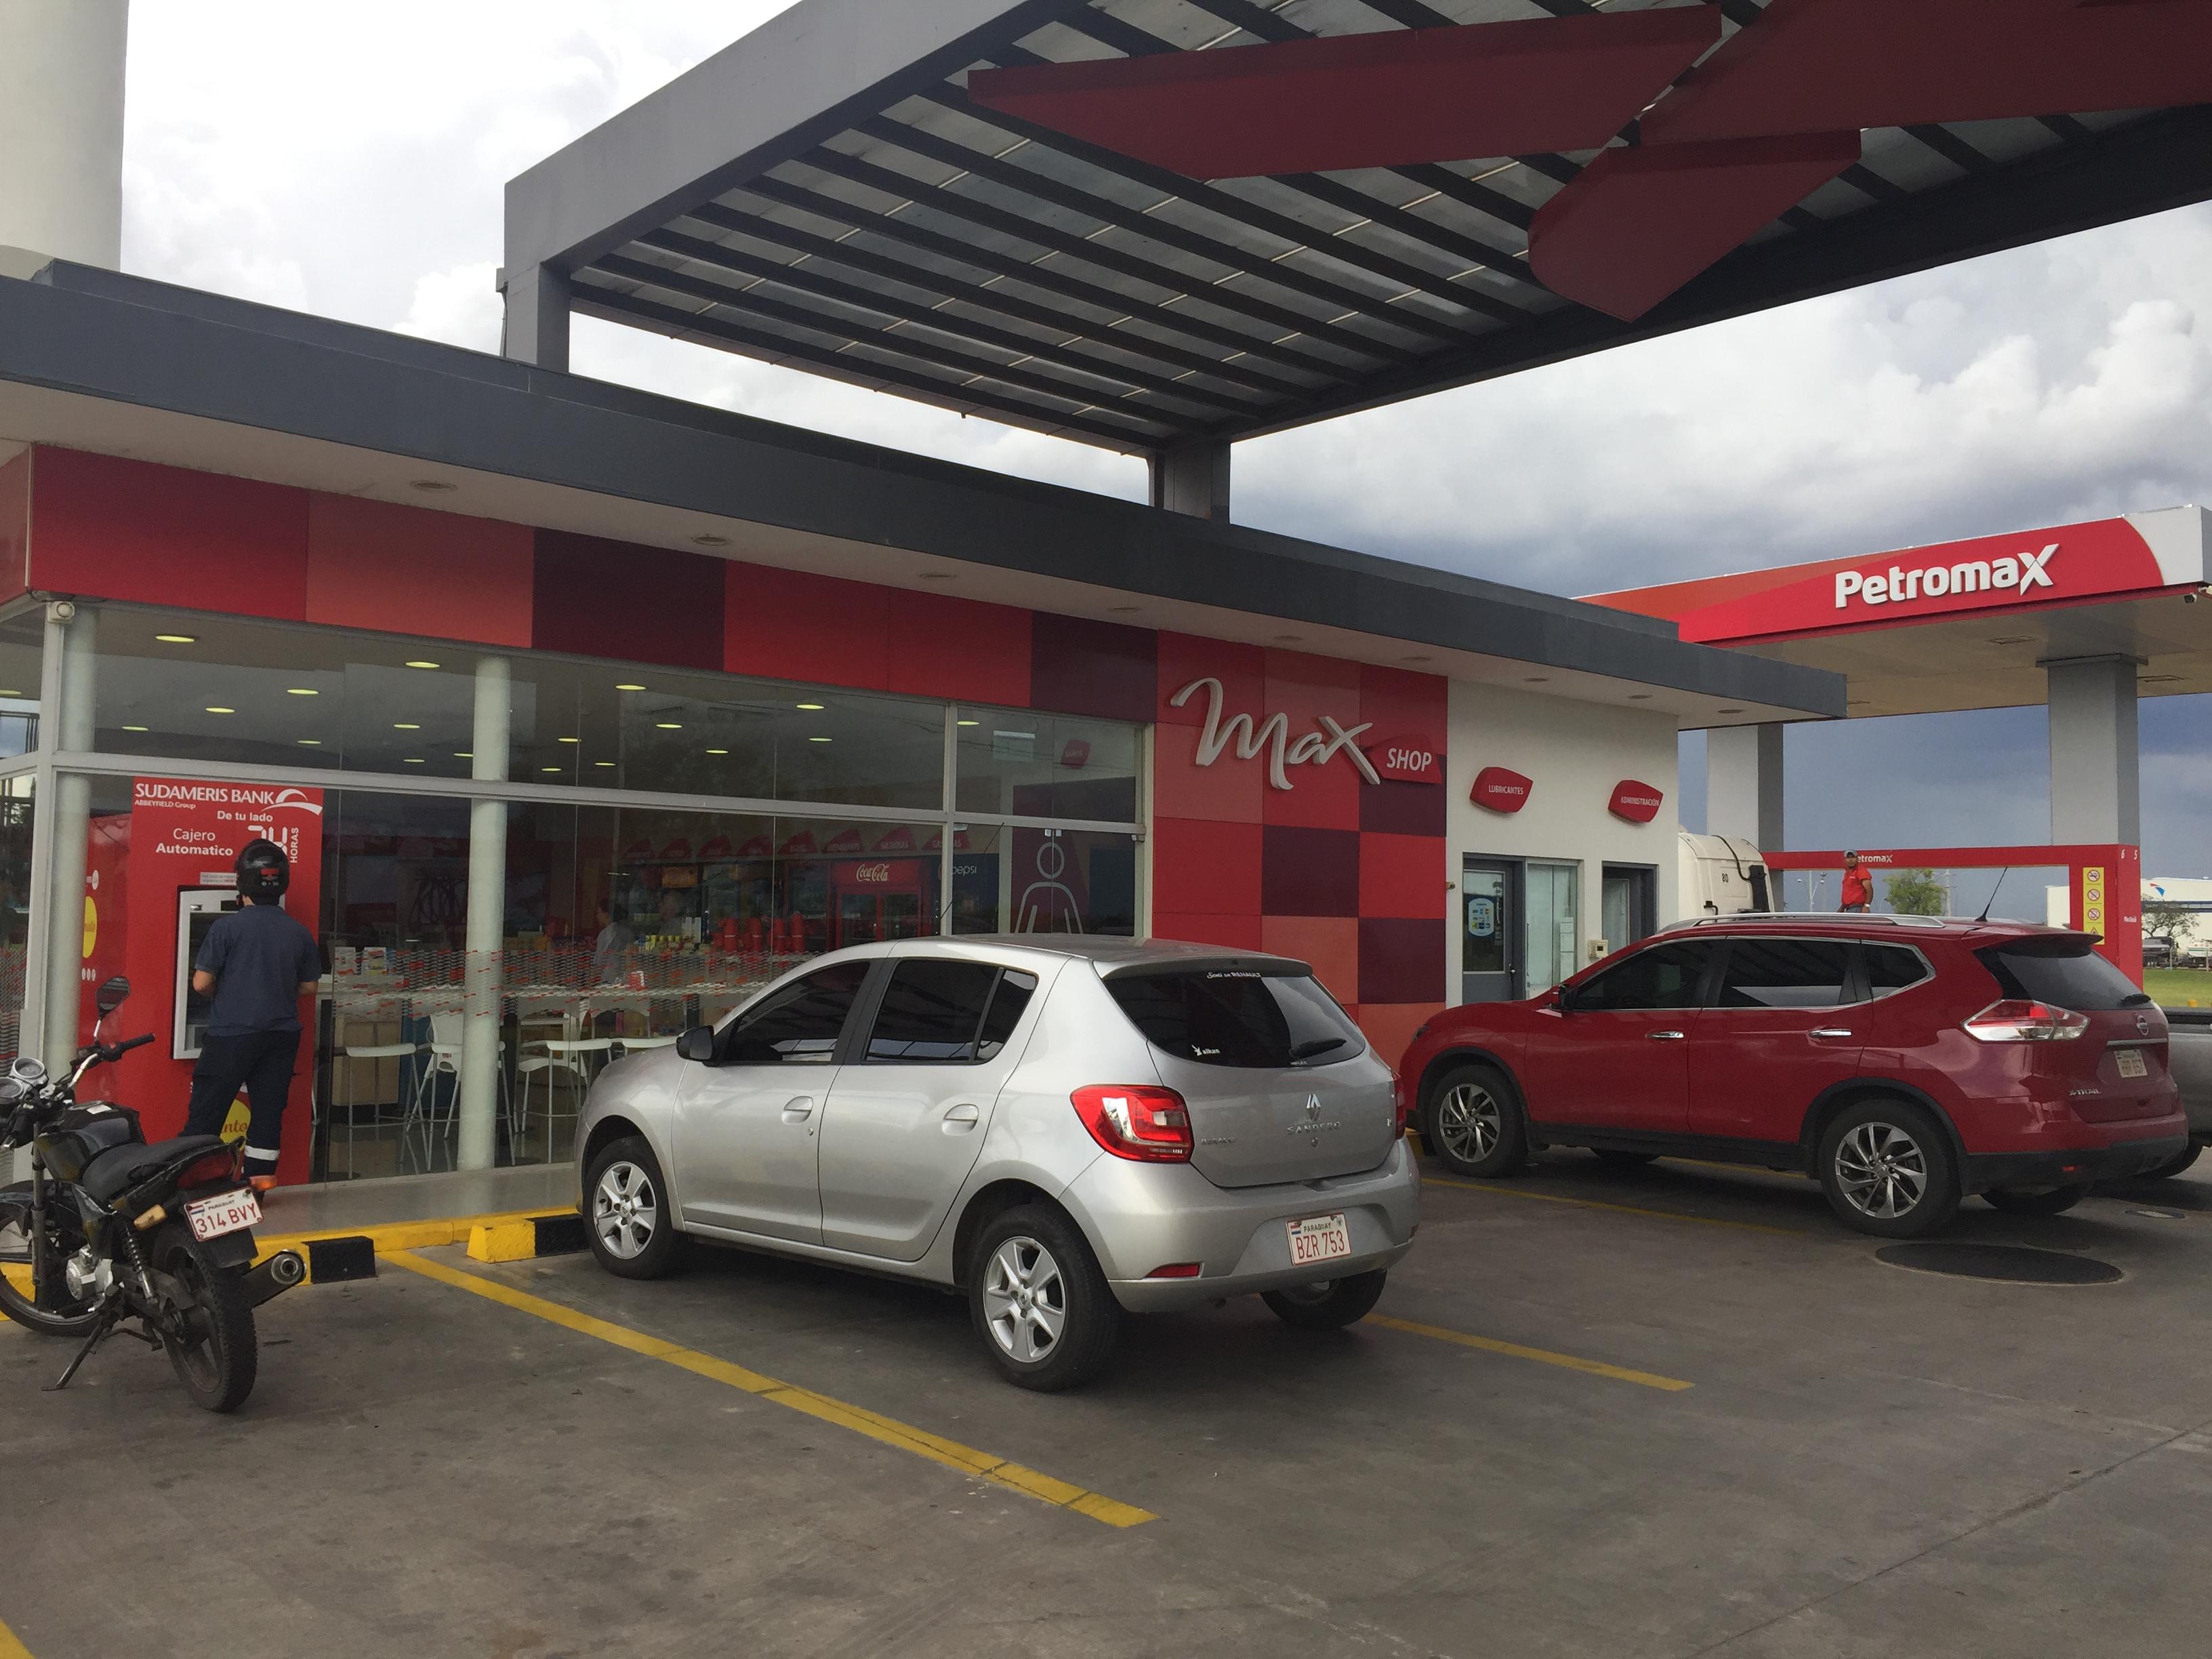 PROYECTO DE ESTACIONES DE SERVICO PETROMAX - PARAGUAY